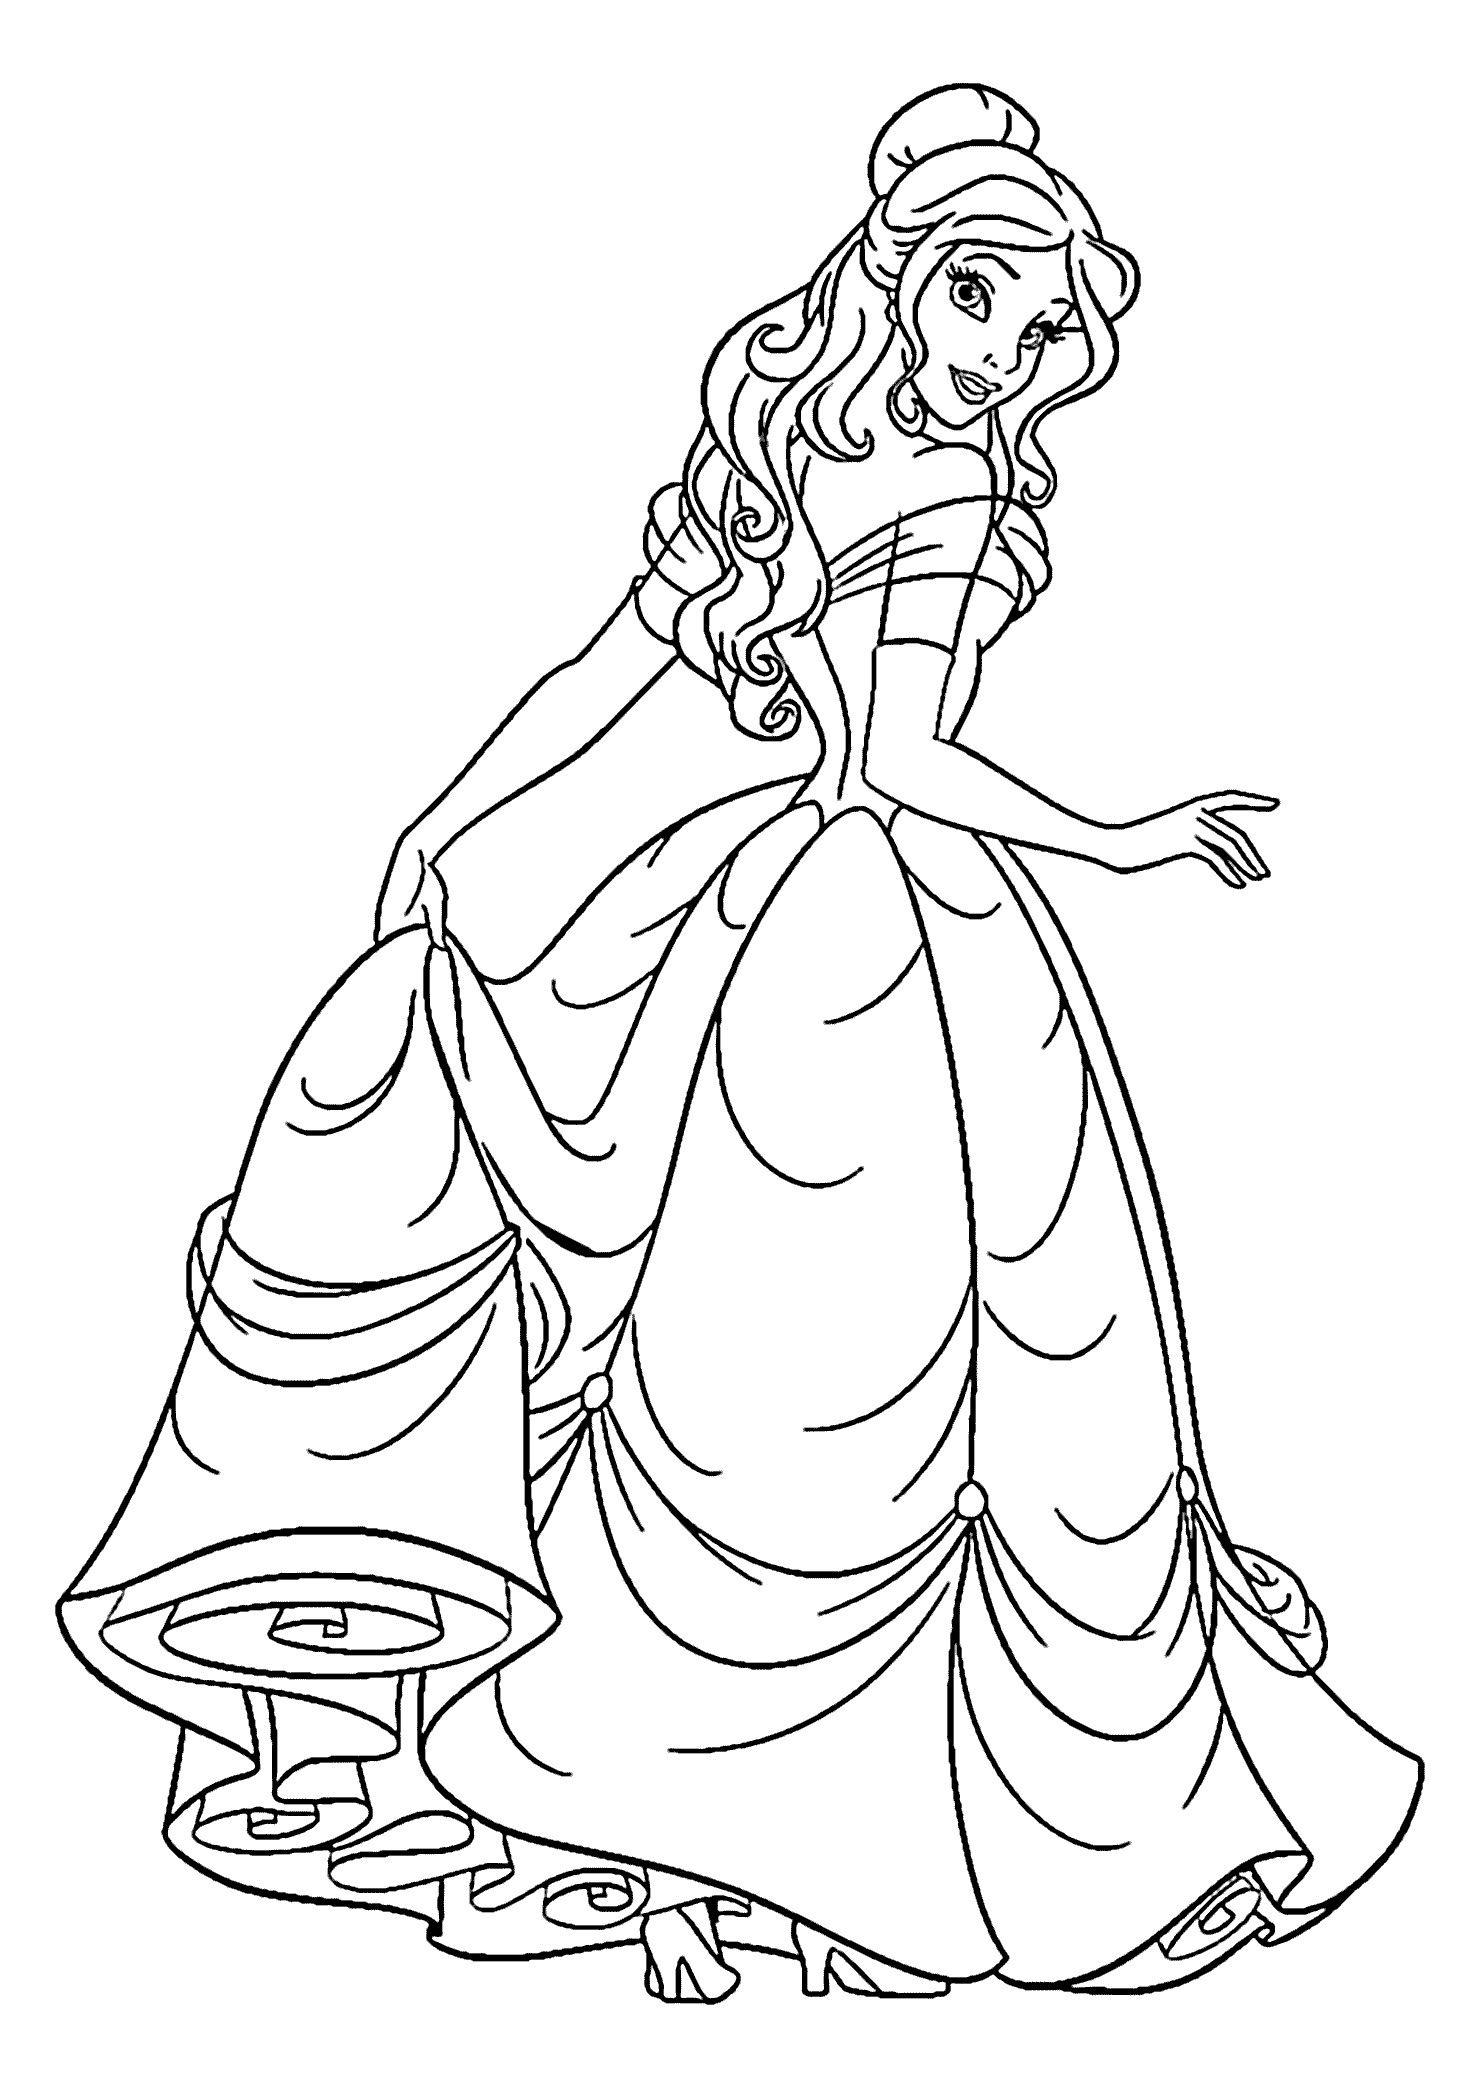 Paper Bag Princess Coloring Page Buku Mewarnai Seni Kartun